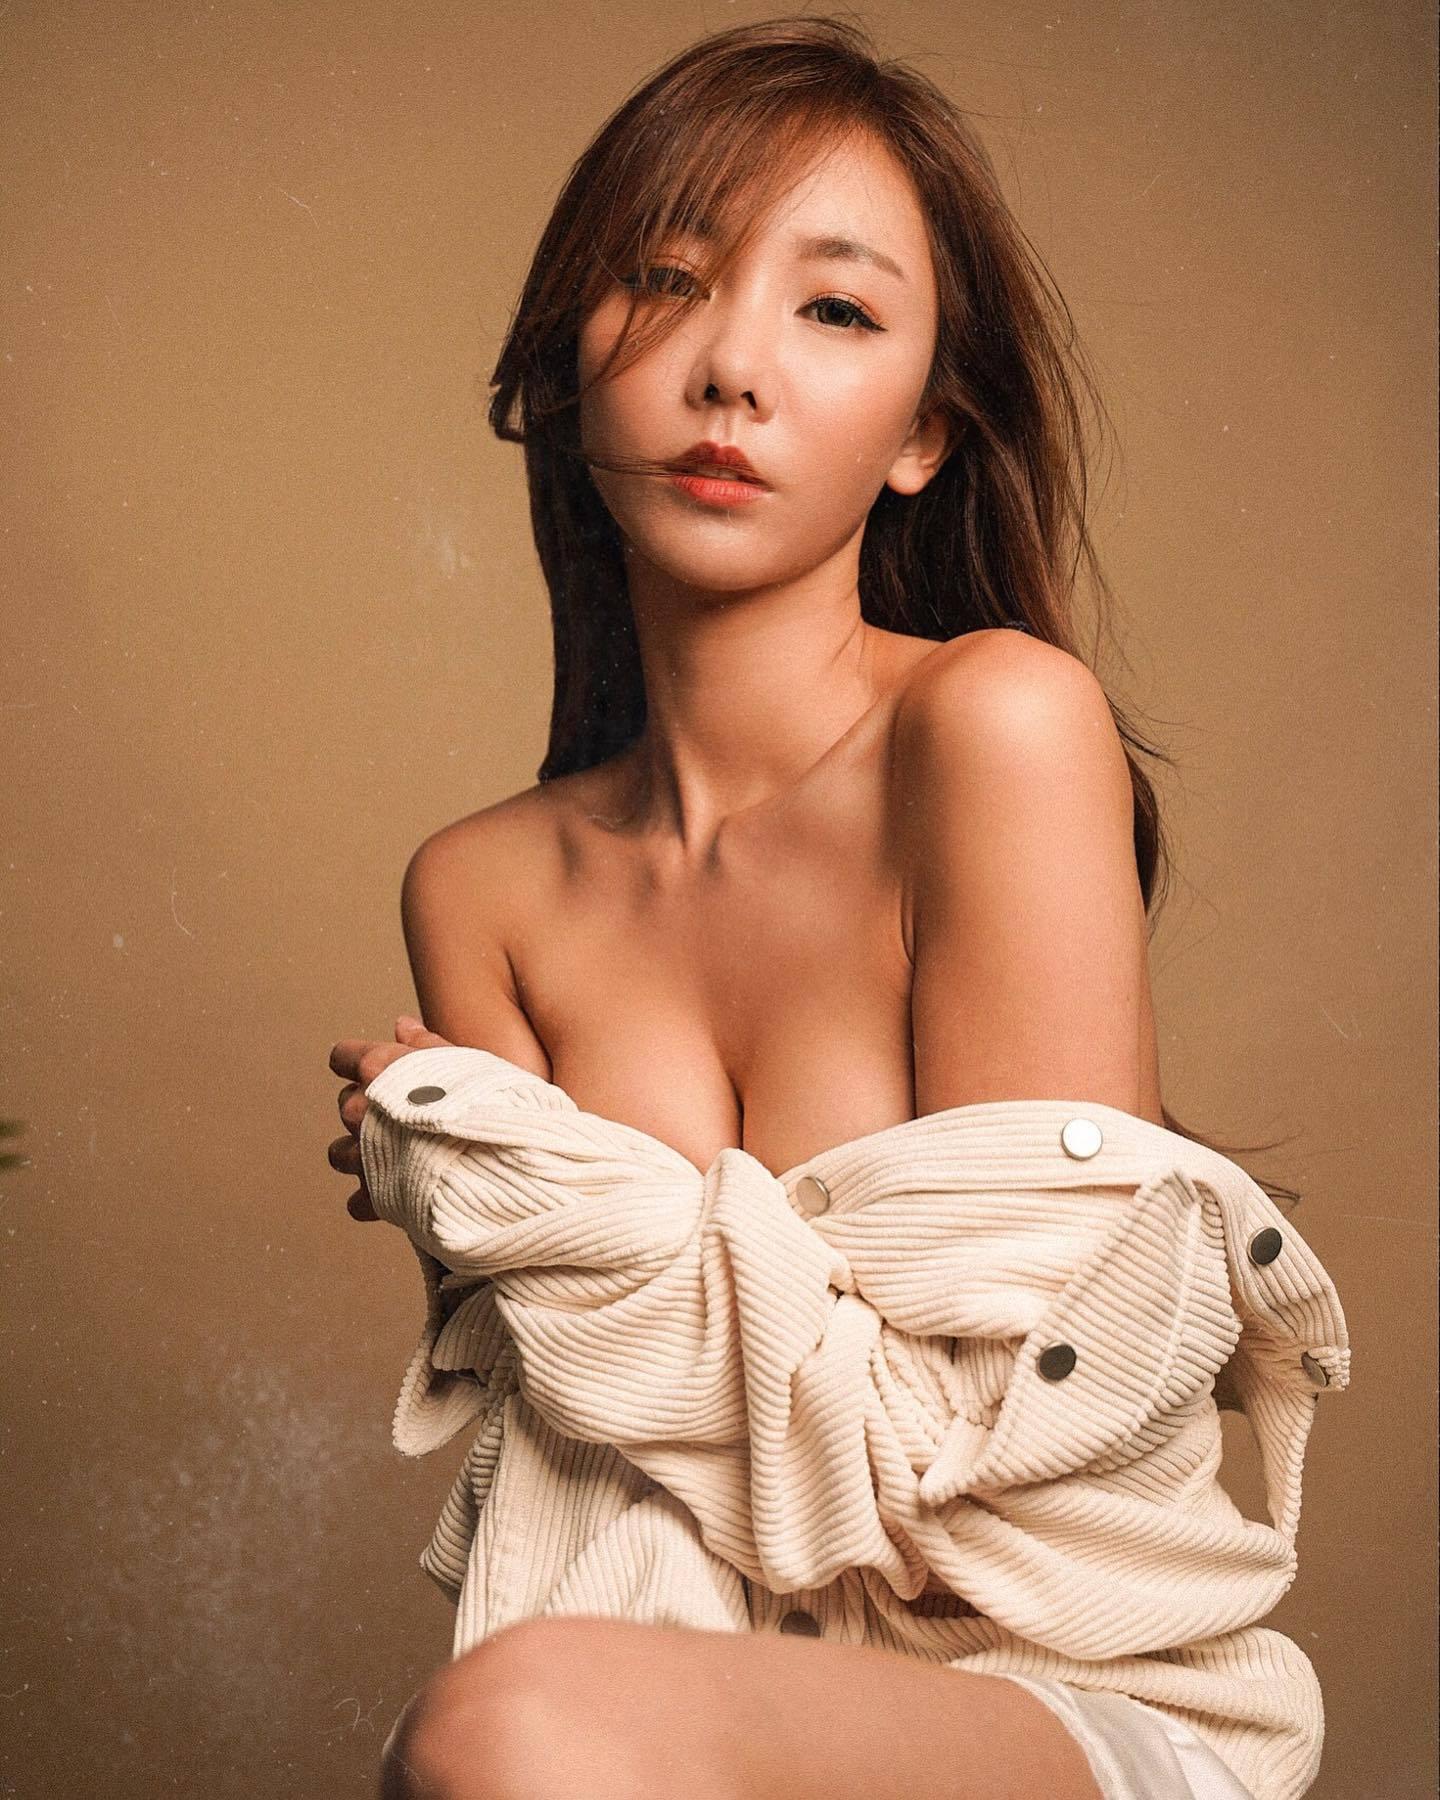 美女网红杨杨被问为何想当网红 正面回应被赞翻 男人文娱 热图4